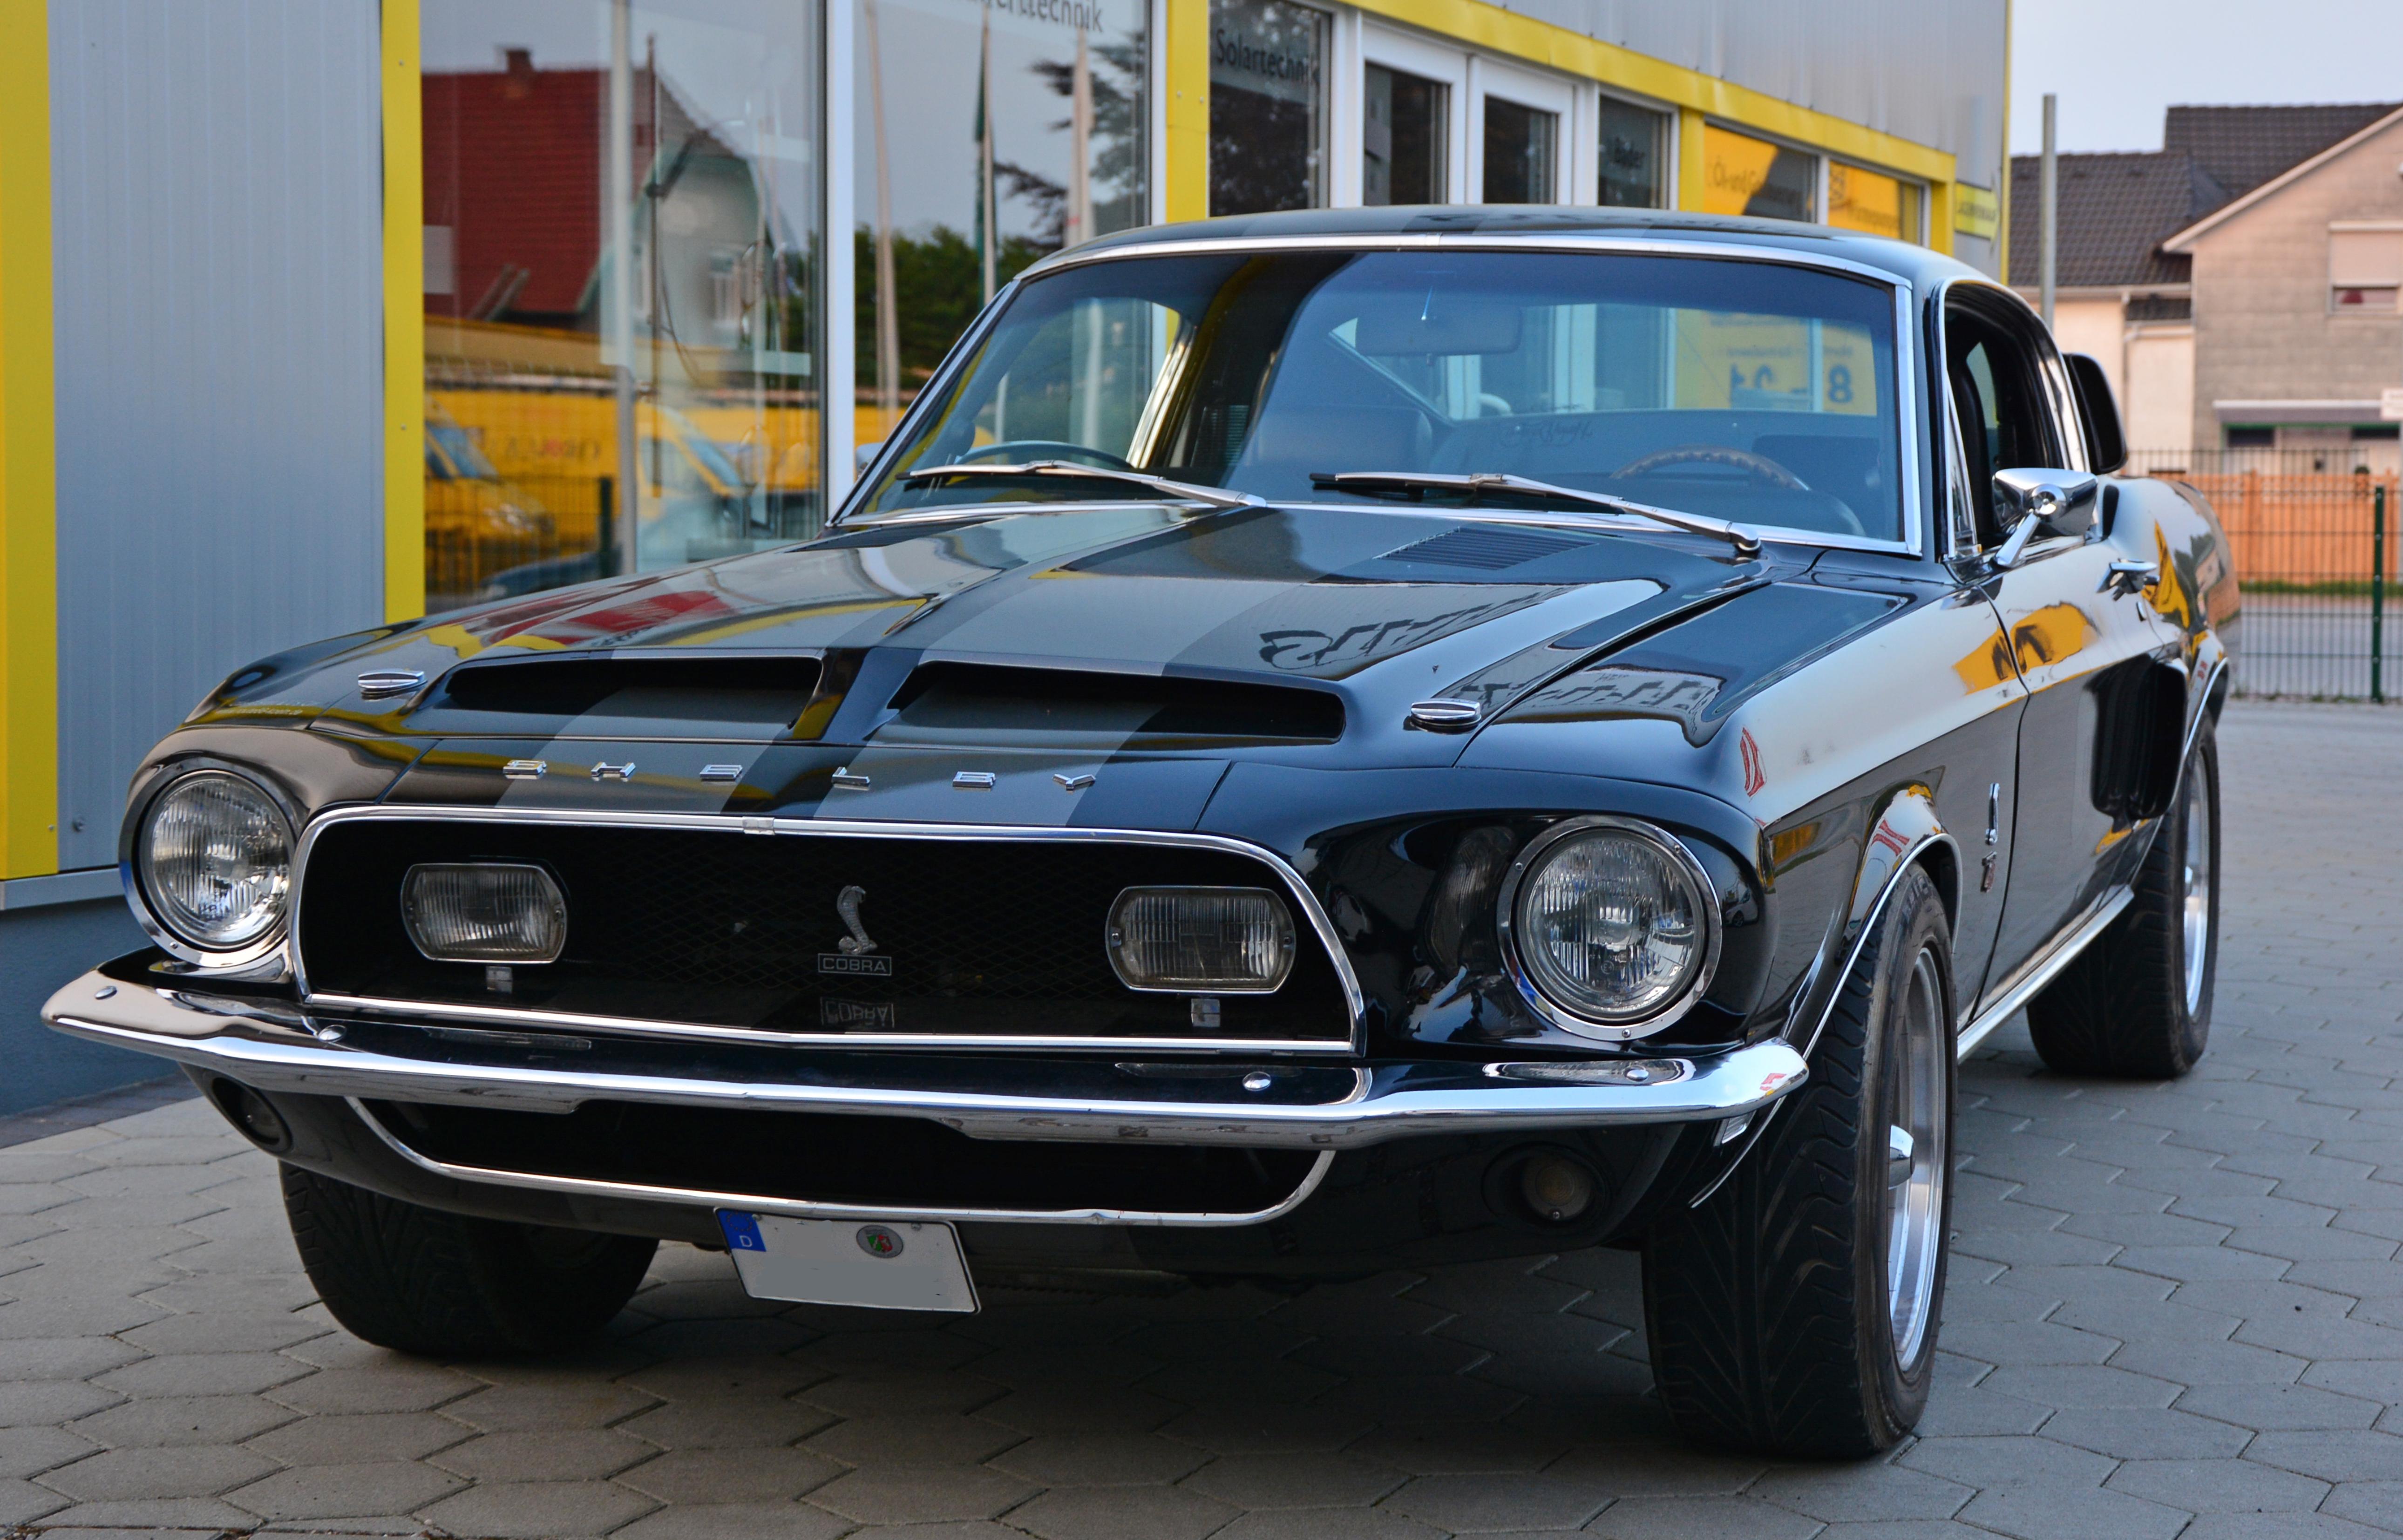 Knight Rider Shelby GT 500 - KITT GT 500 KR Mustang - 5.0 Mustang ...